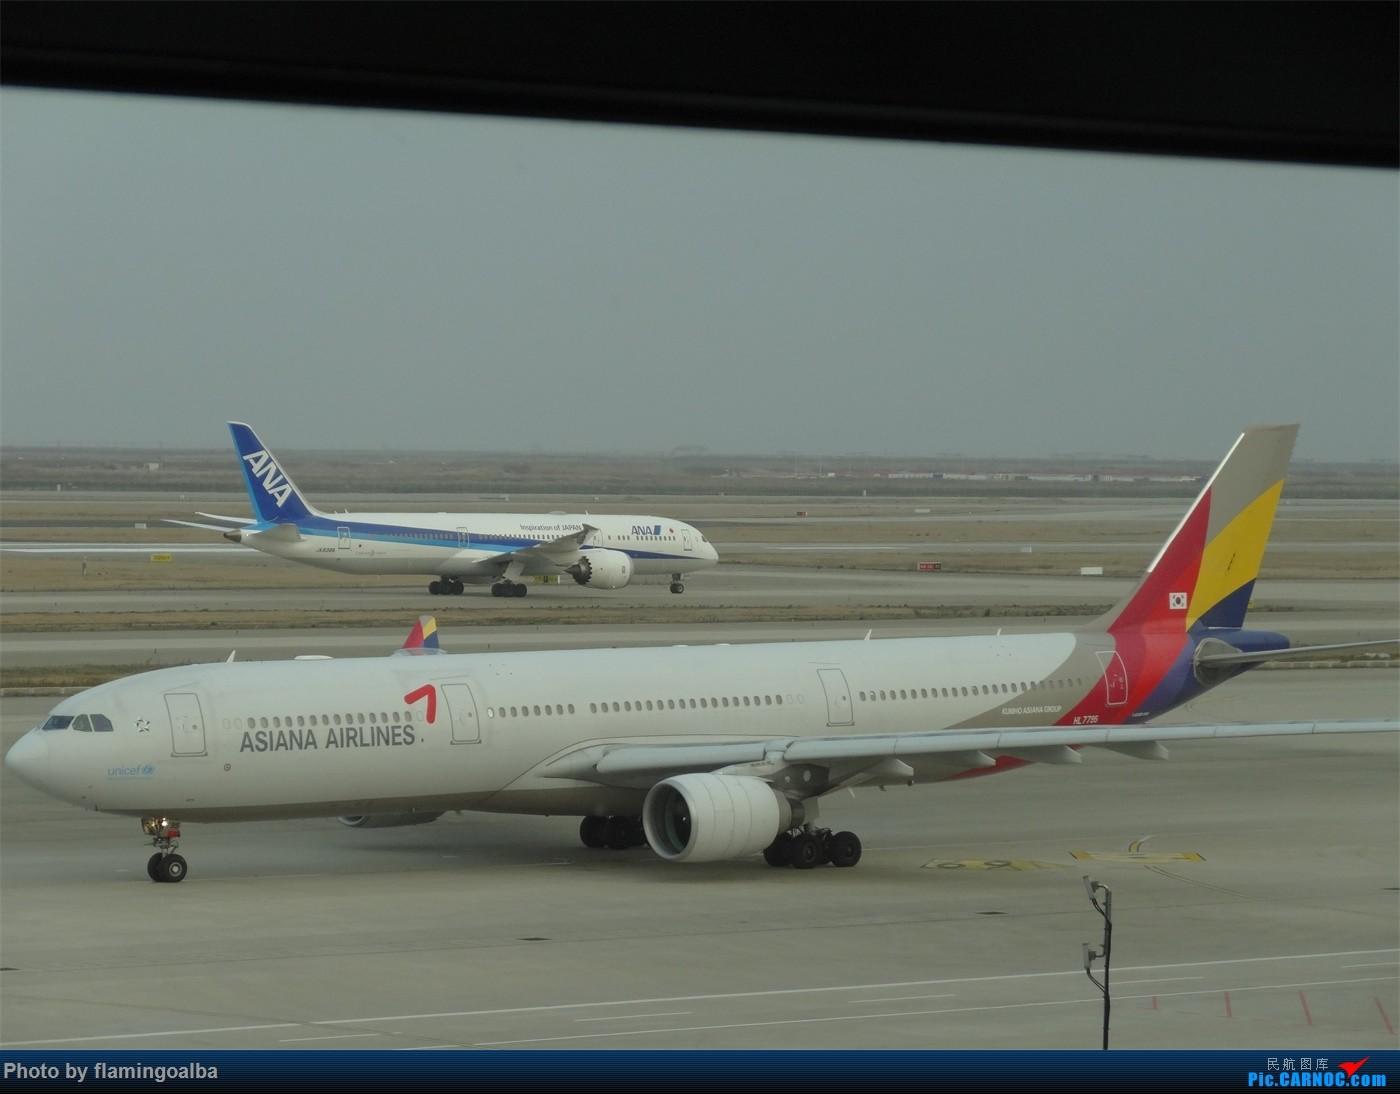 Re:[原创]浦东-达拉斯-纽瓦克-华盛顿里根-拉斯维加斯-洛杉矶-达拉斯-浦东 A330-300  中国上海浦东国际机场